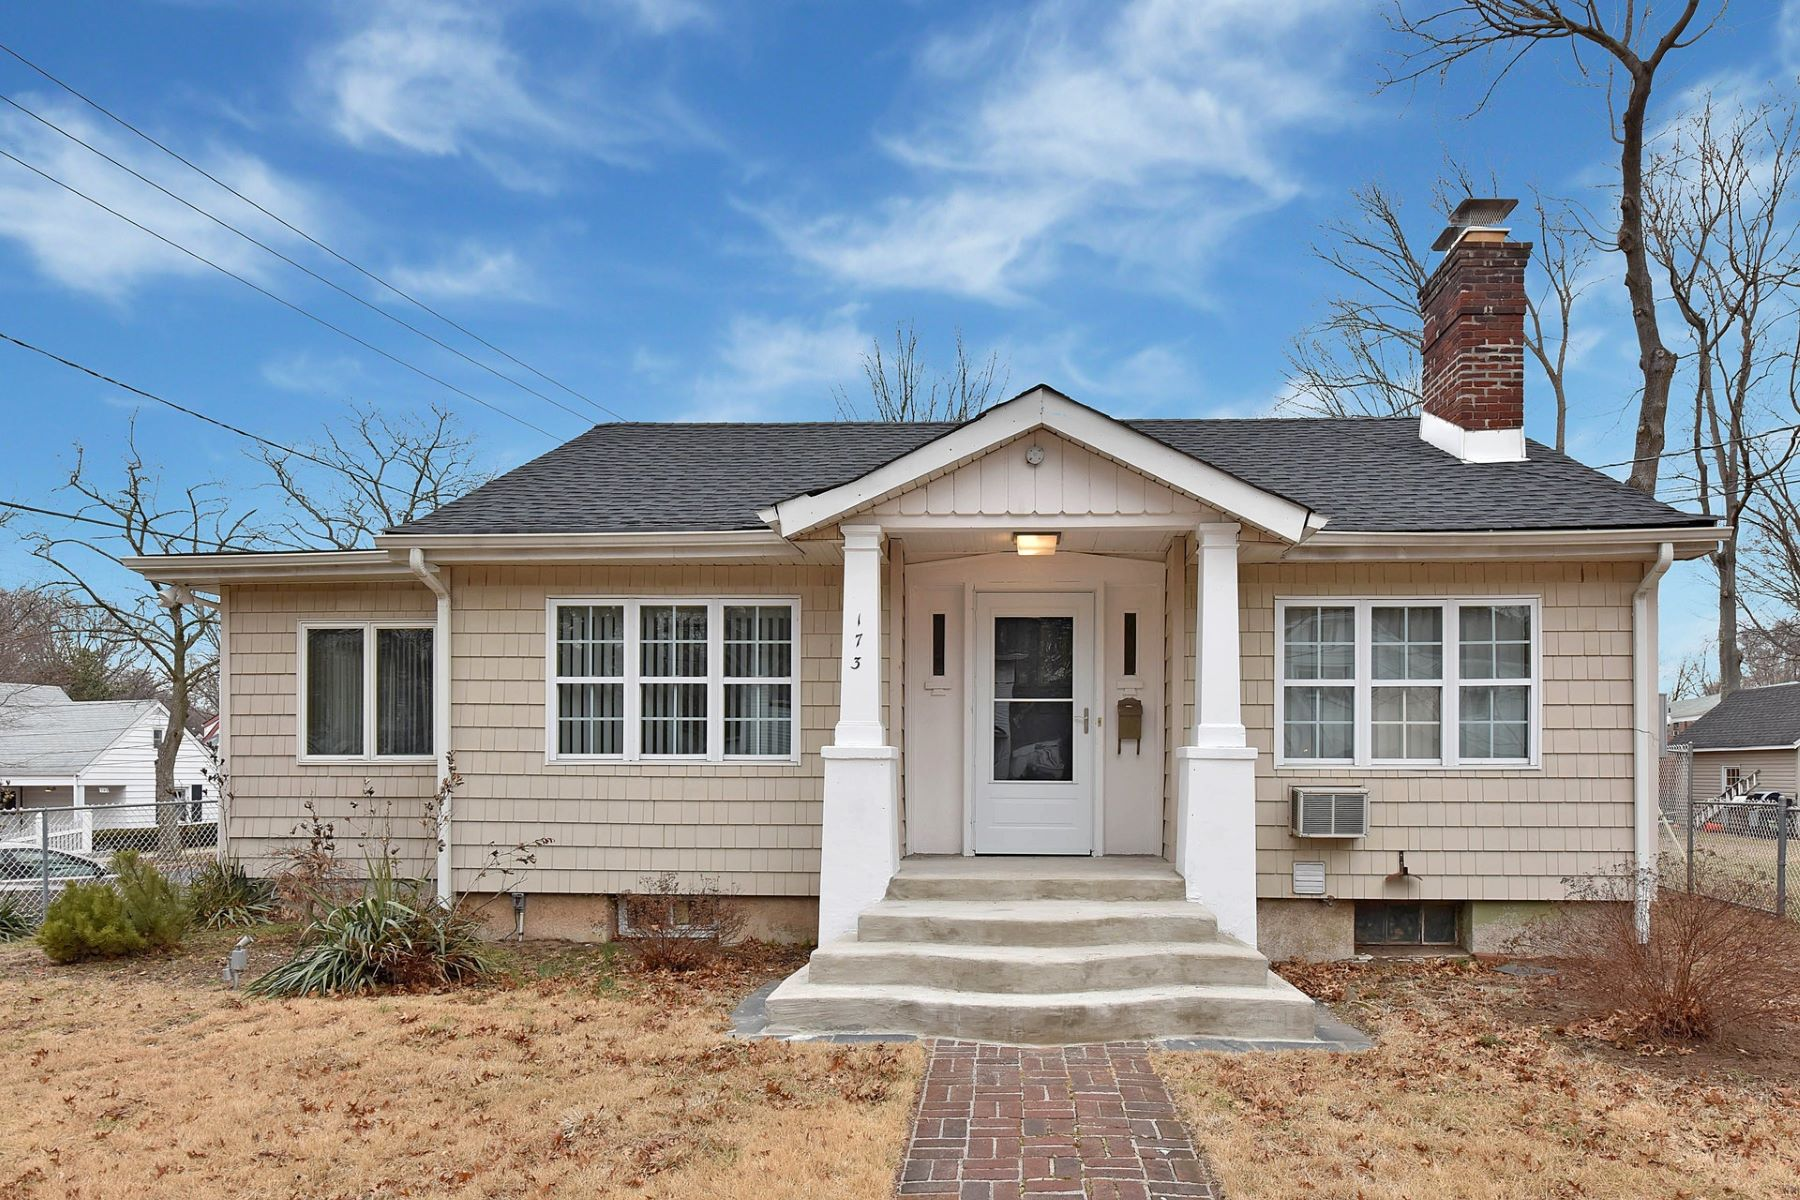 Частный односемейный дом для того Продажа на Well Maintained Ranch 173 Jane St, Englewood, Нью-Джерси, 07631 Соединенные Штаты